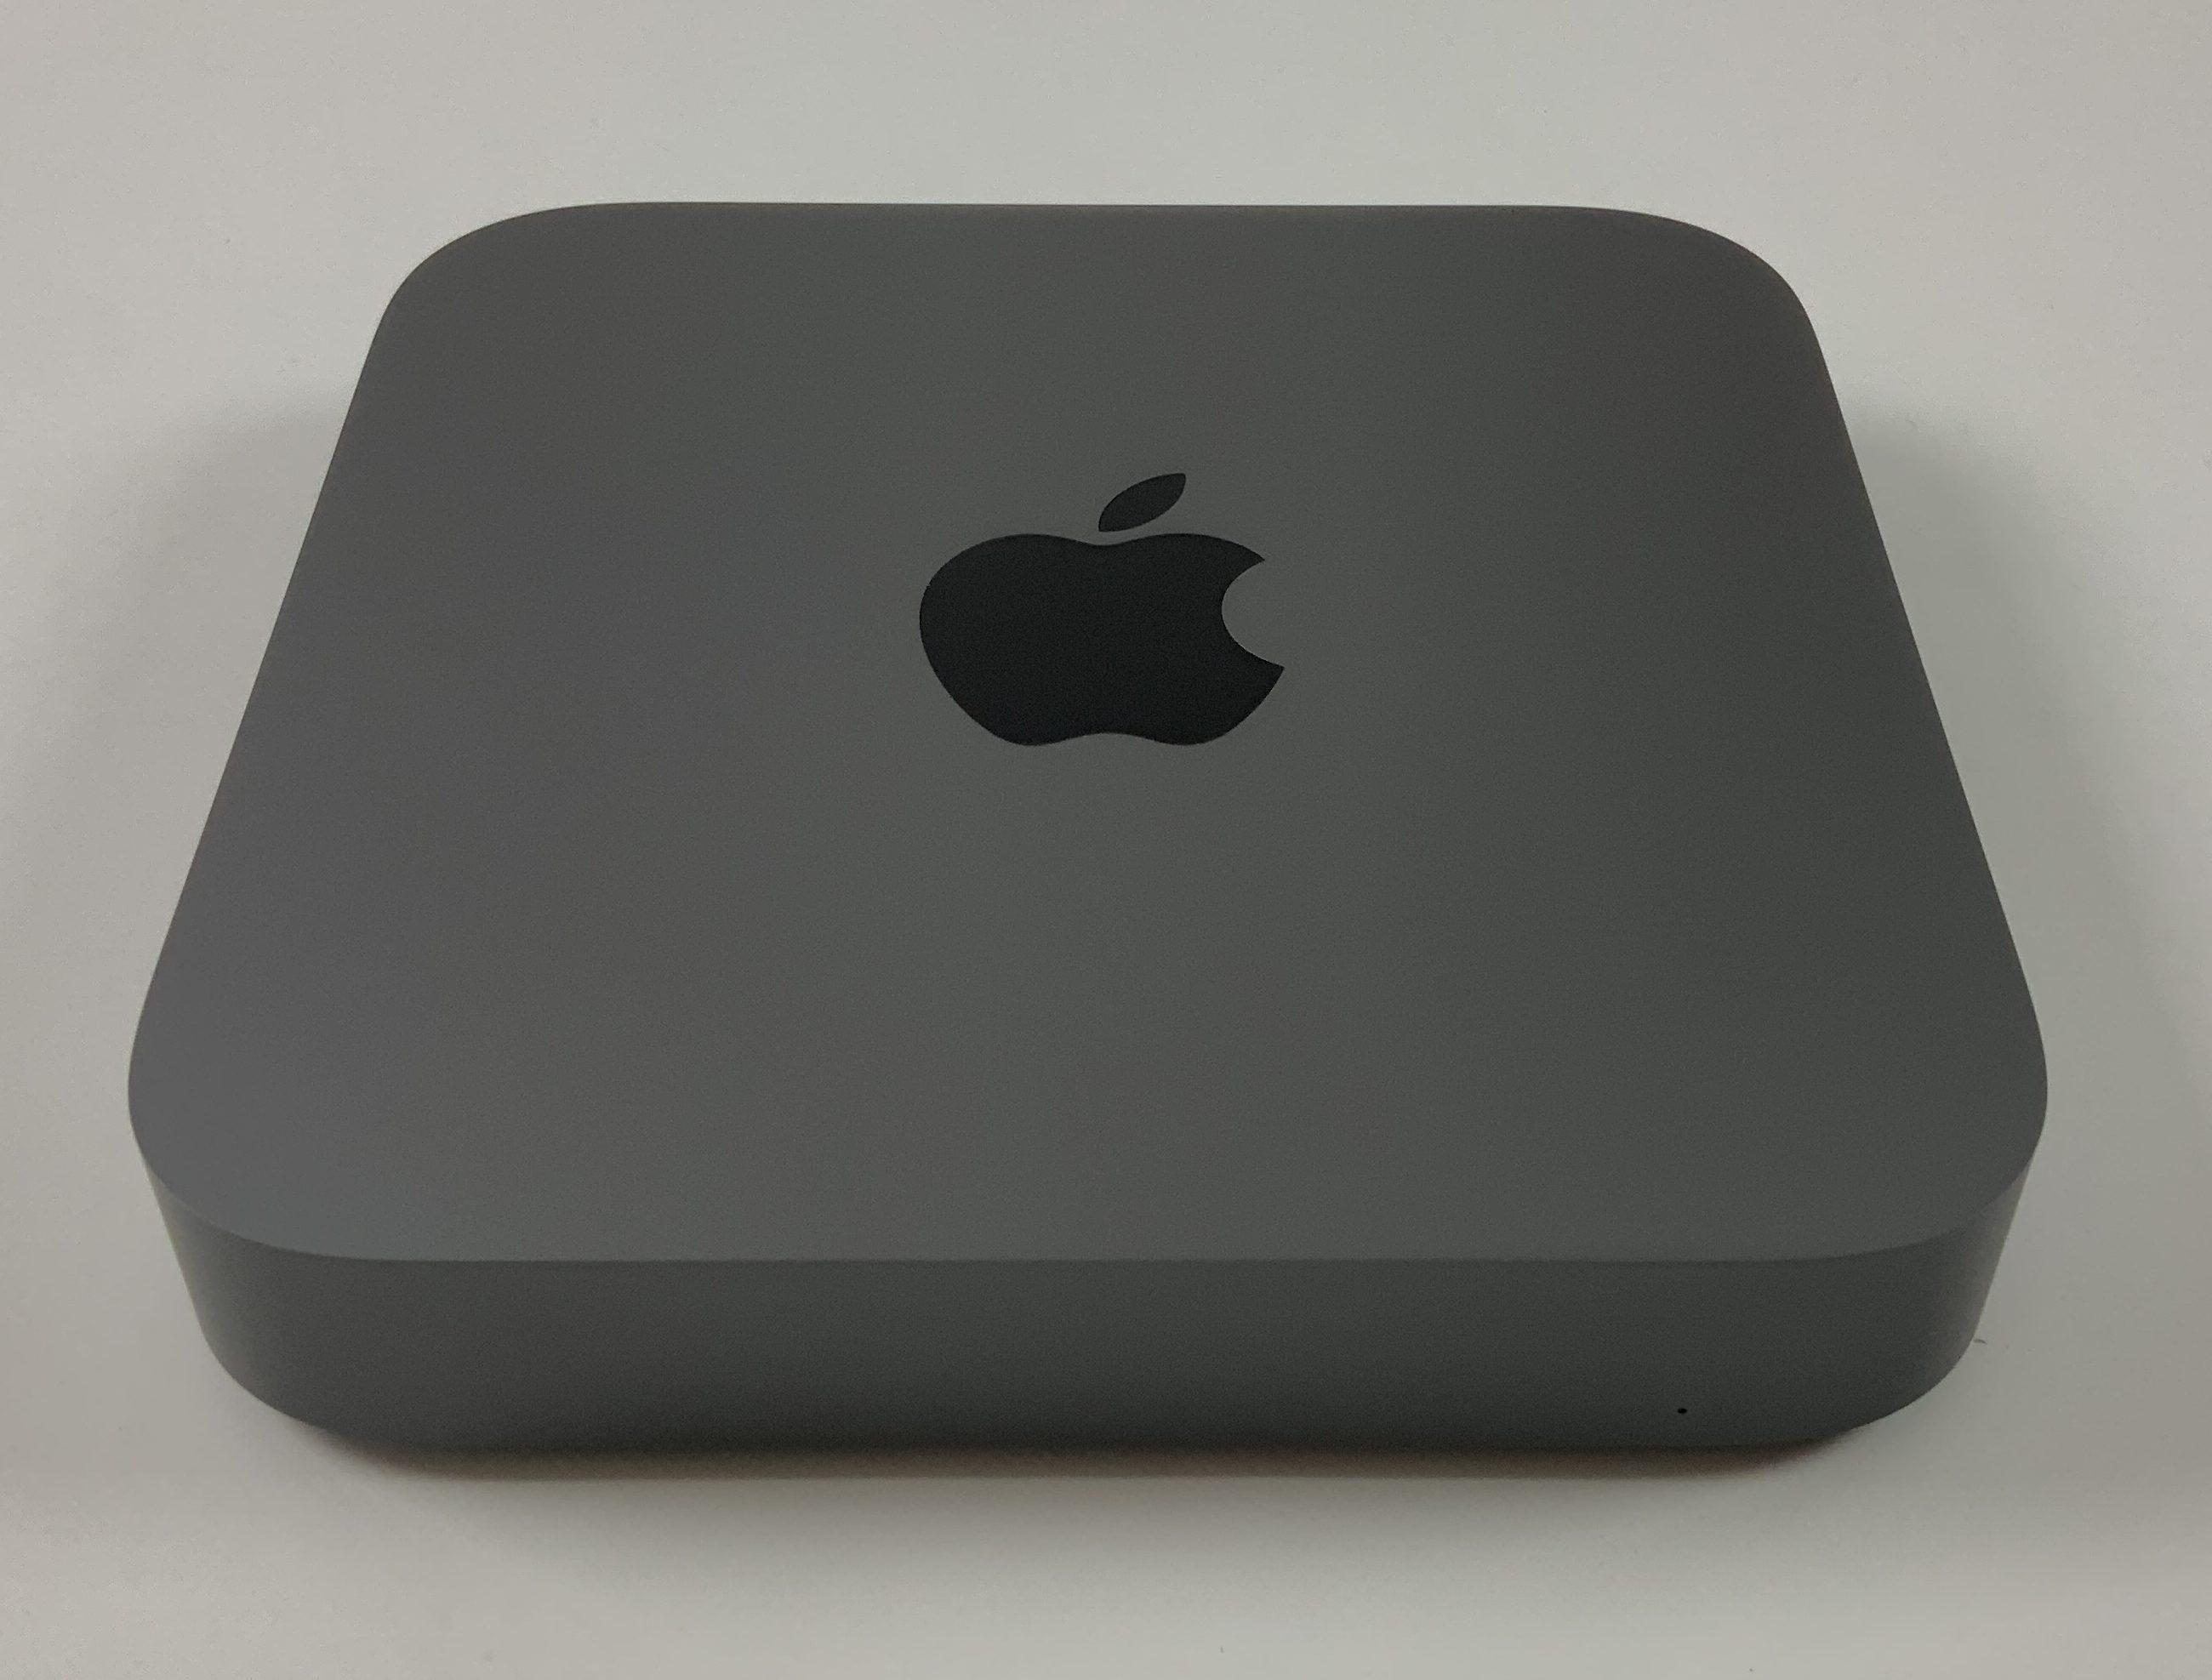 Mac Mini Early 2020 (Intel 6-Core i5 3.0 GHz 8 GB RAM 512 GB SSD), Intel 6-Core i5 3.0 GHz, 8 GB RAM, 512 GB SSD, immagine 1